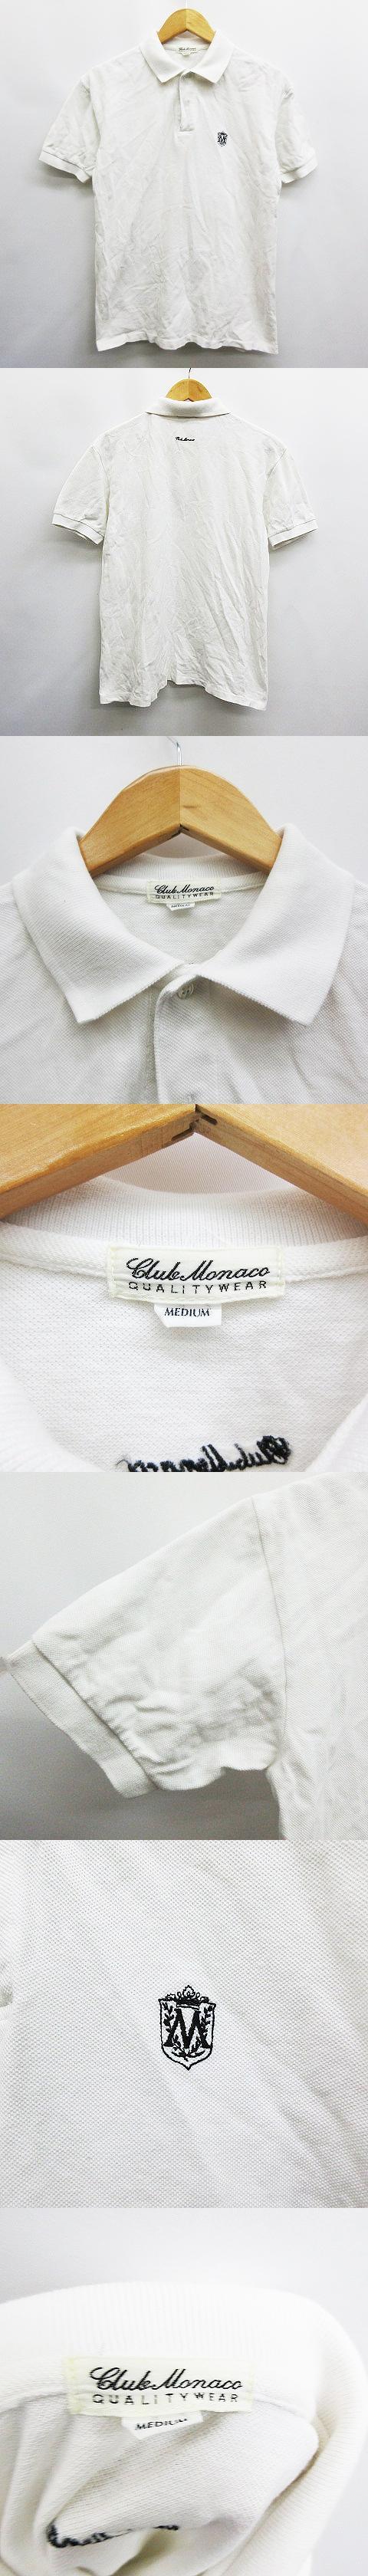 クラブモナコ CLUB MONACO ポロシャツ 半袖 ロゴ刺繍 綿 コットン 100% M 白 ホワイト系